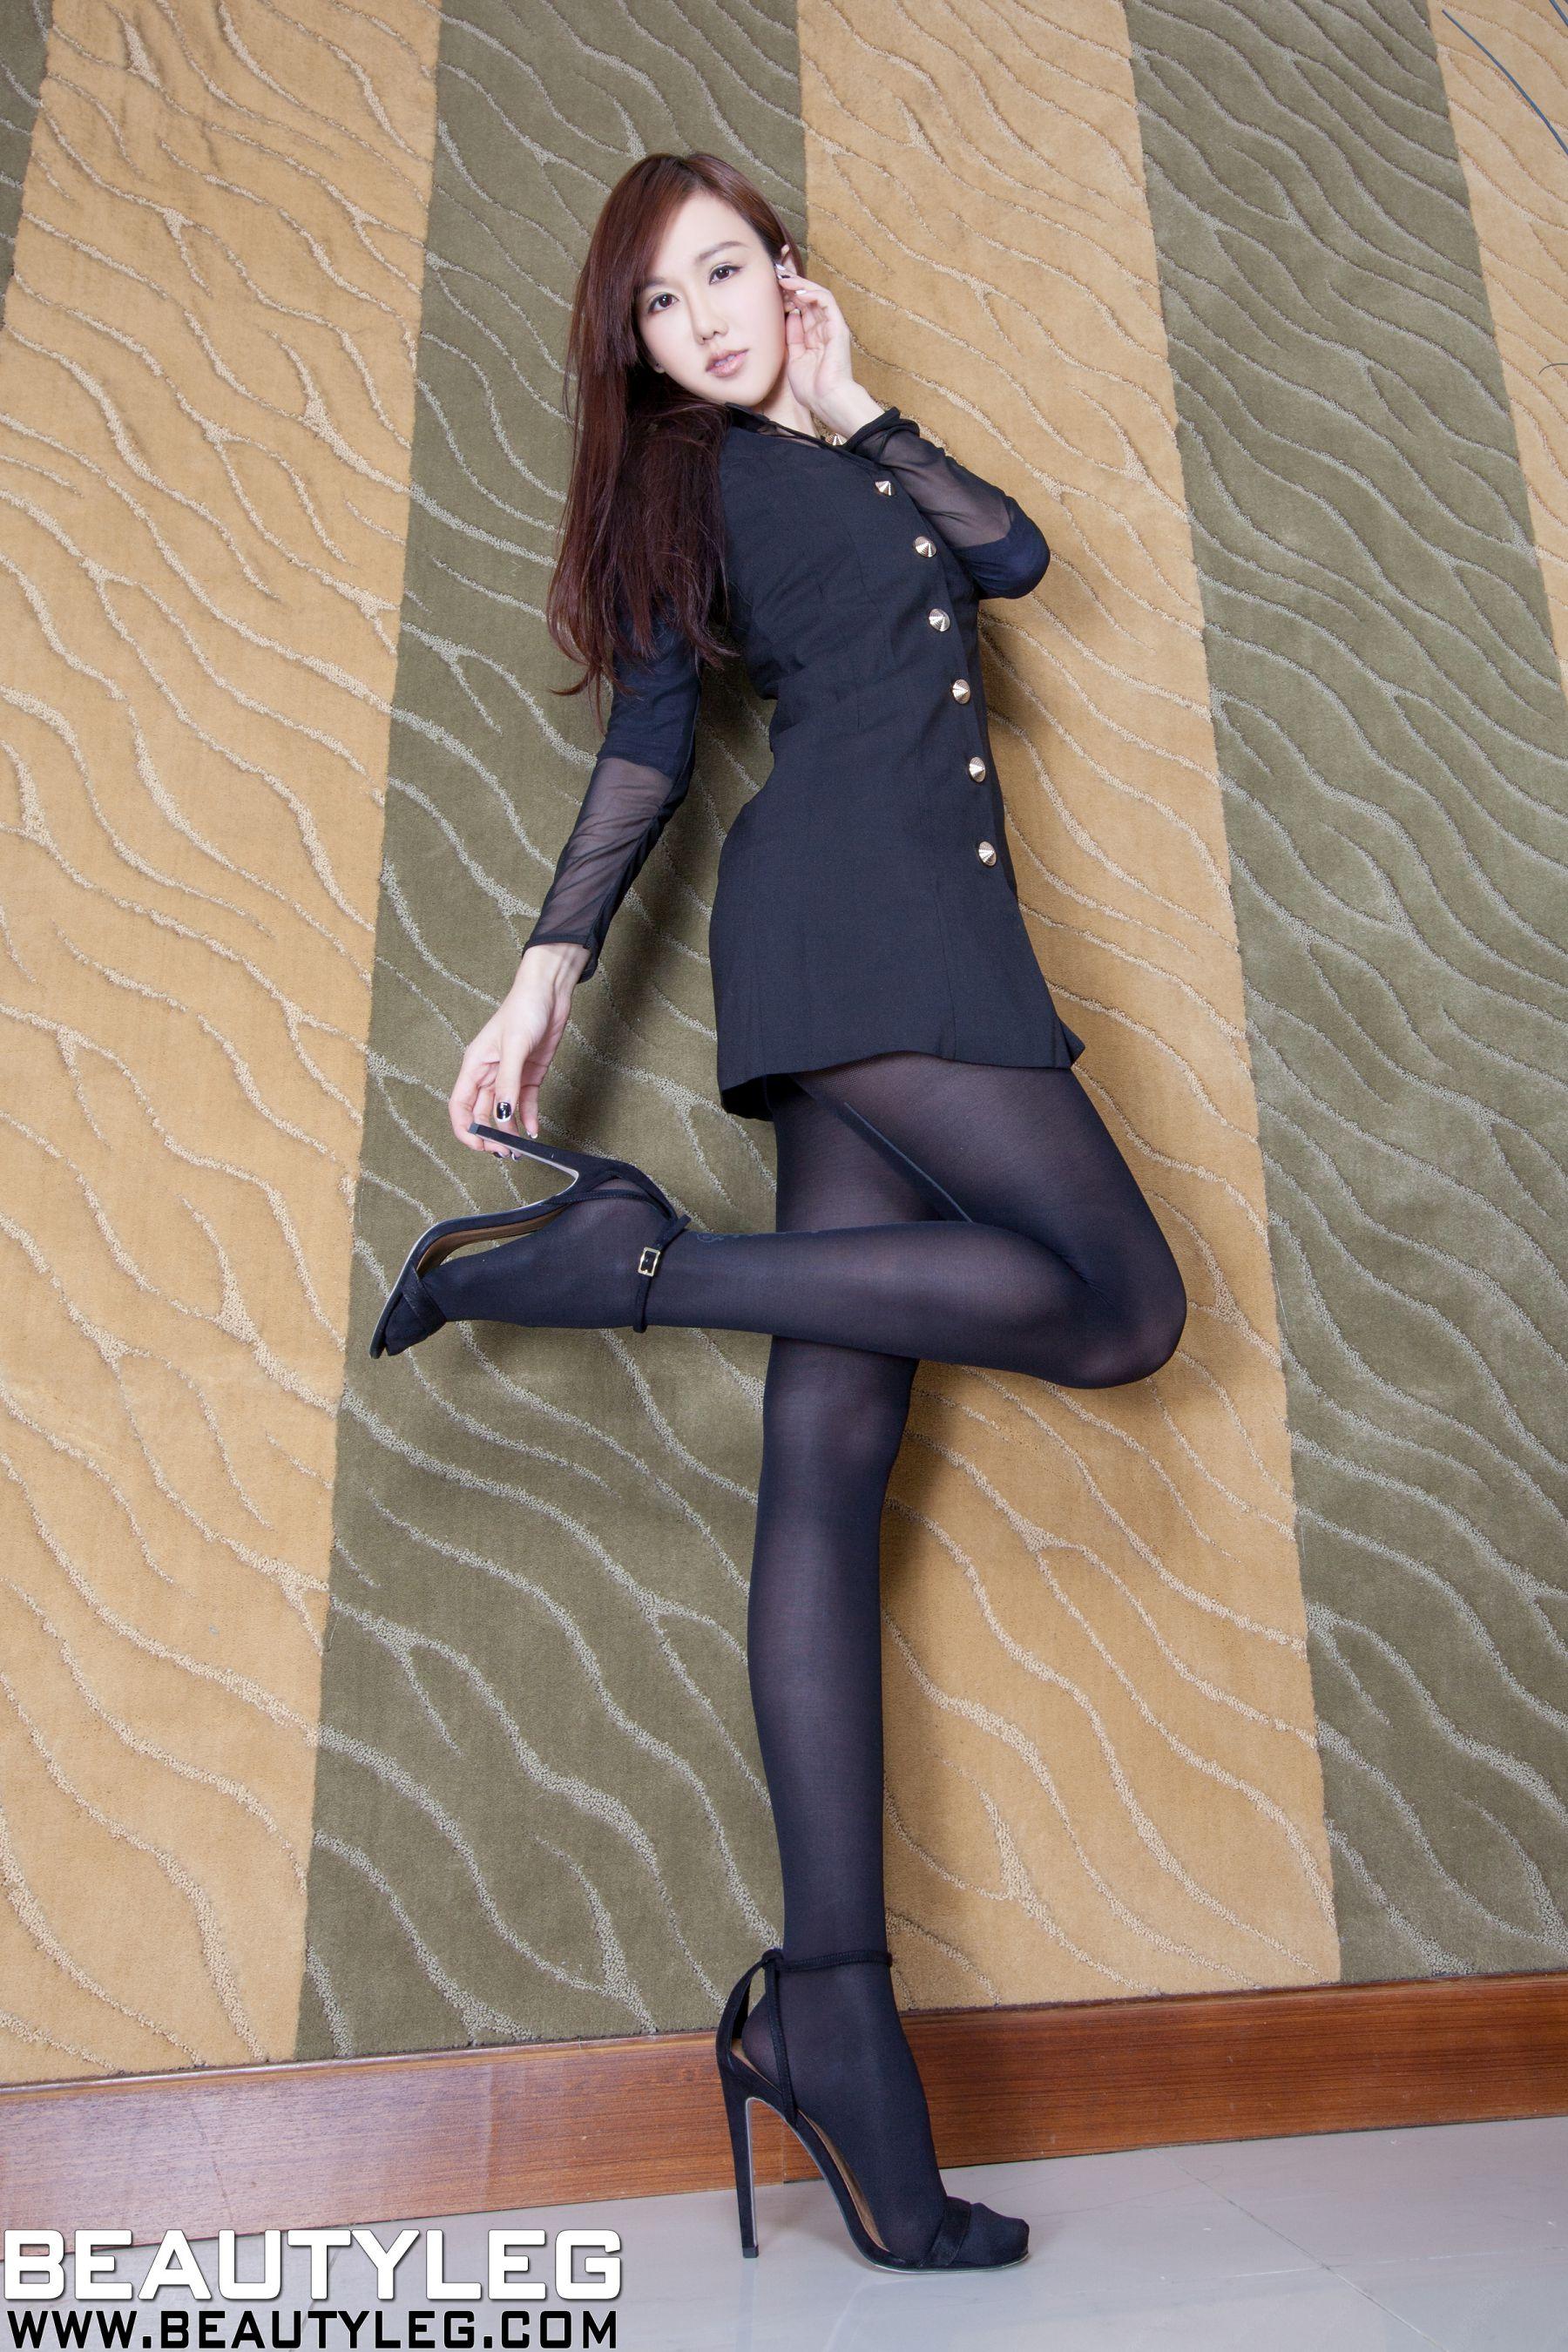 VOL.935 [Beautyleg]美腿:林瑞瑜(Beautyleg Sara,腿模Sara)高品质写真套图(48P)